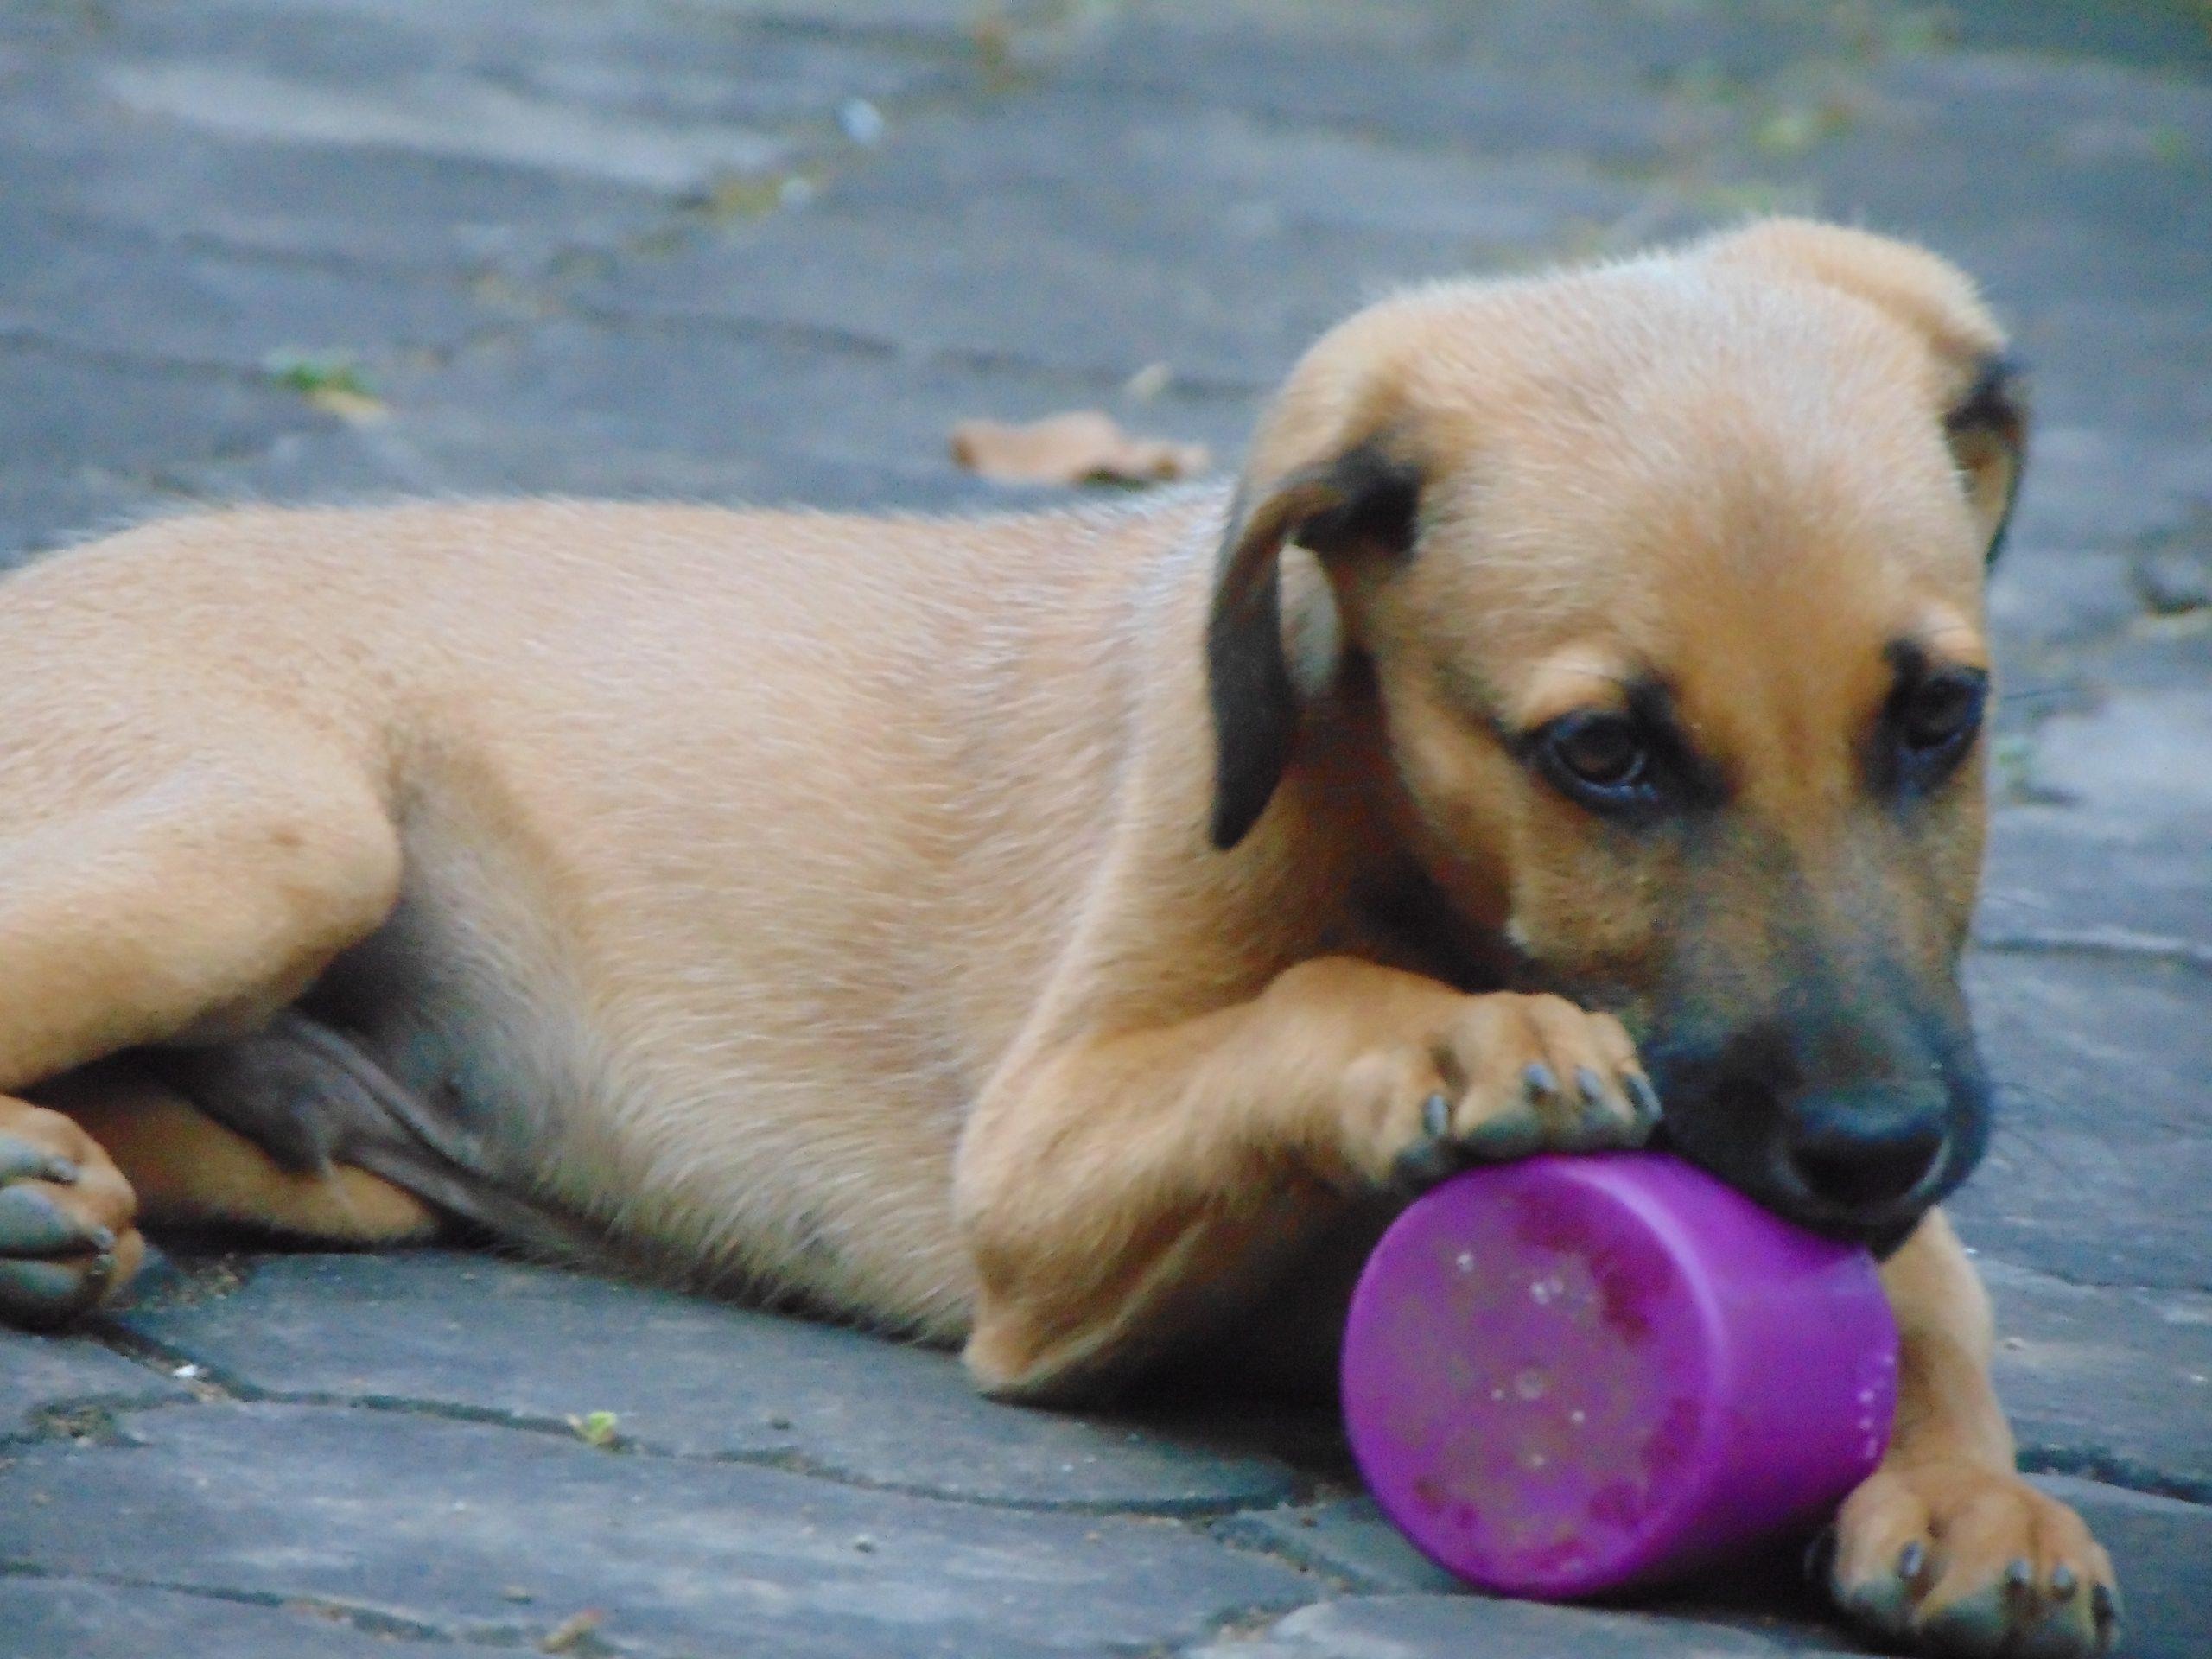 A kombai breed dog